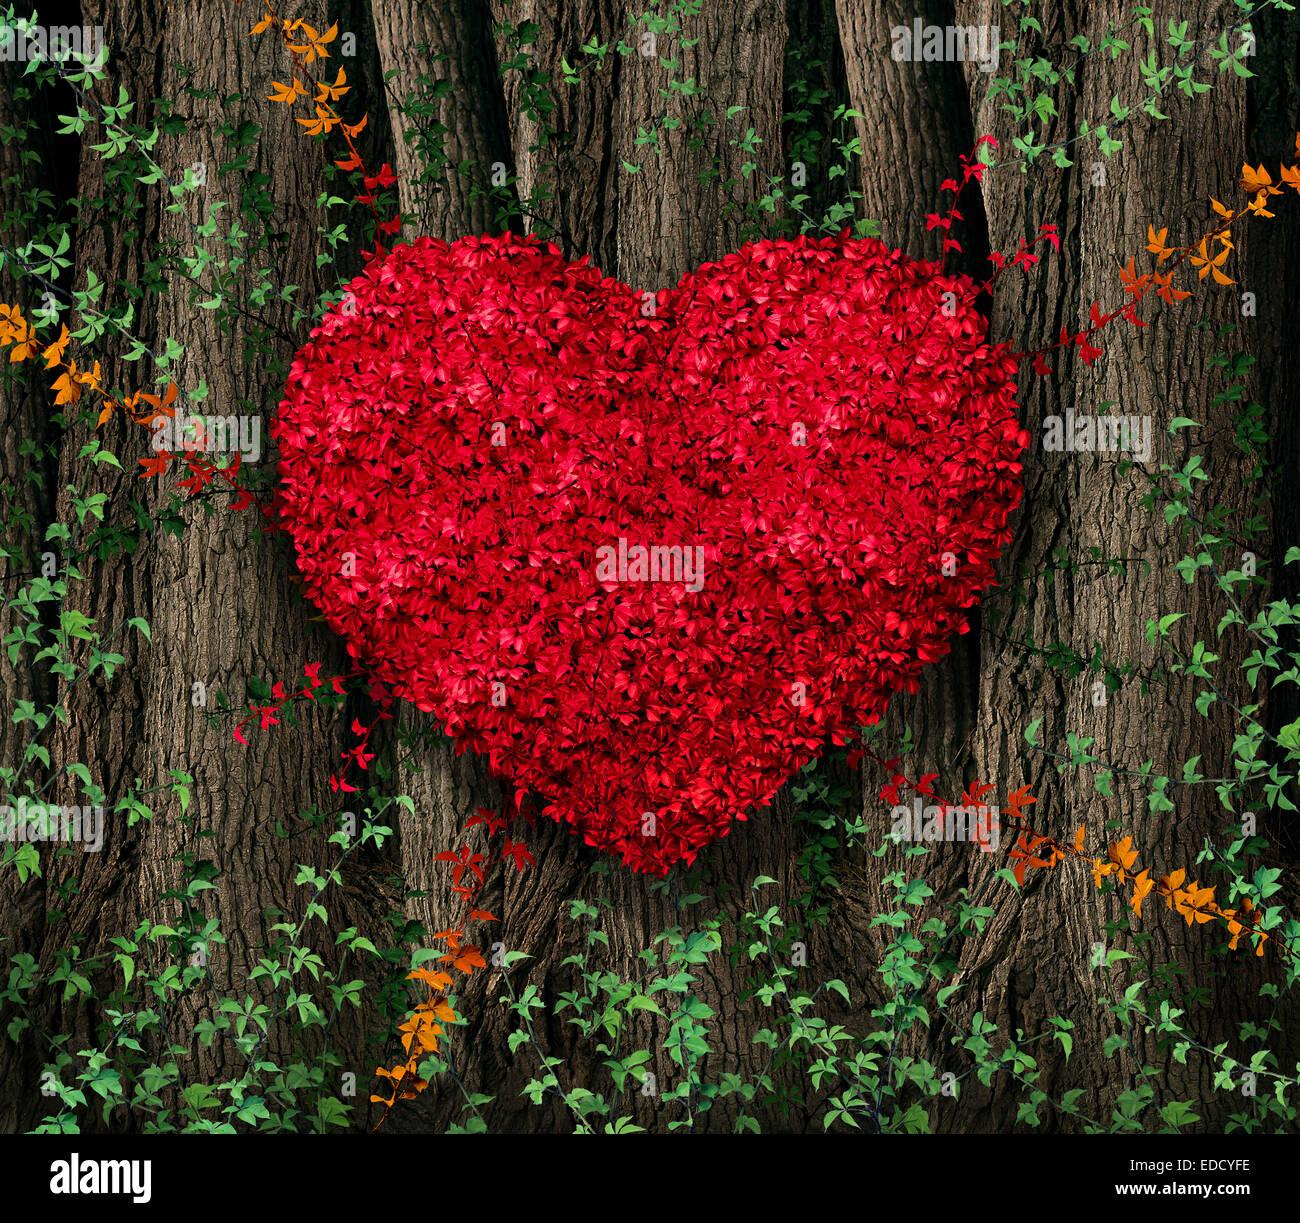 Día de San Valentín de hojas rojas el cultivo de la vid en un bosque natural de grandes árboles moldeada Imagen De Stock